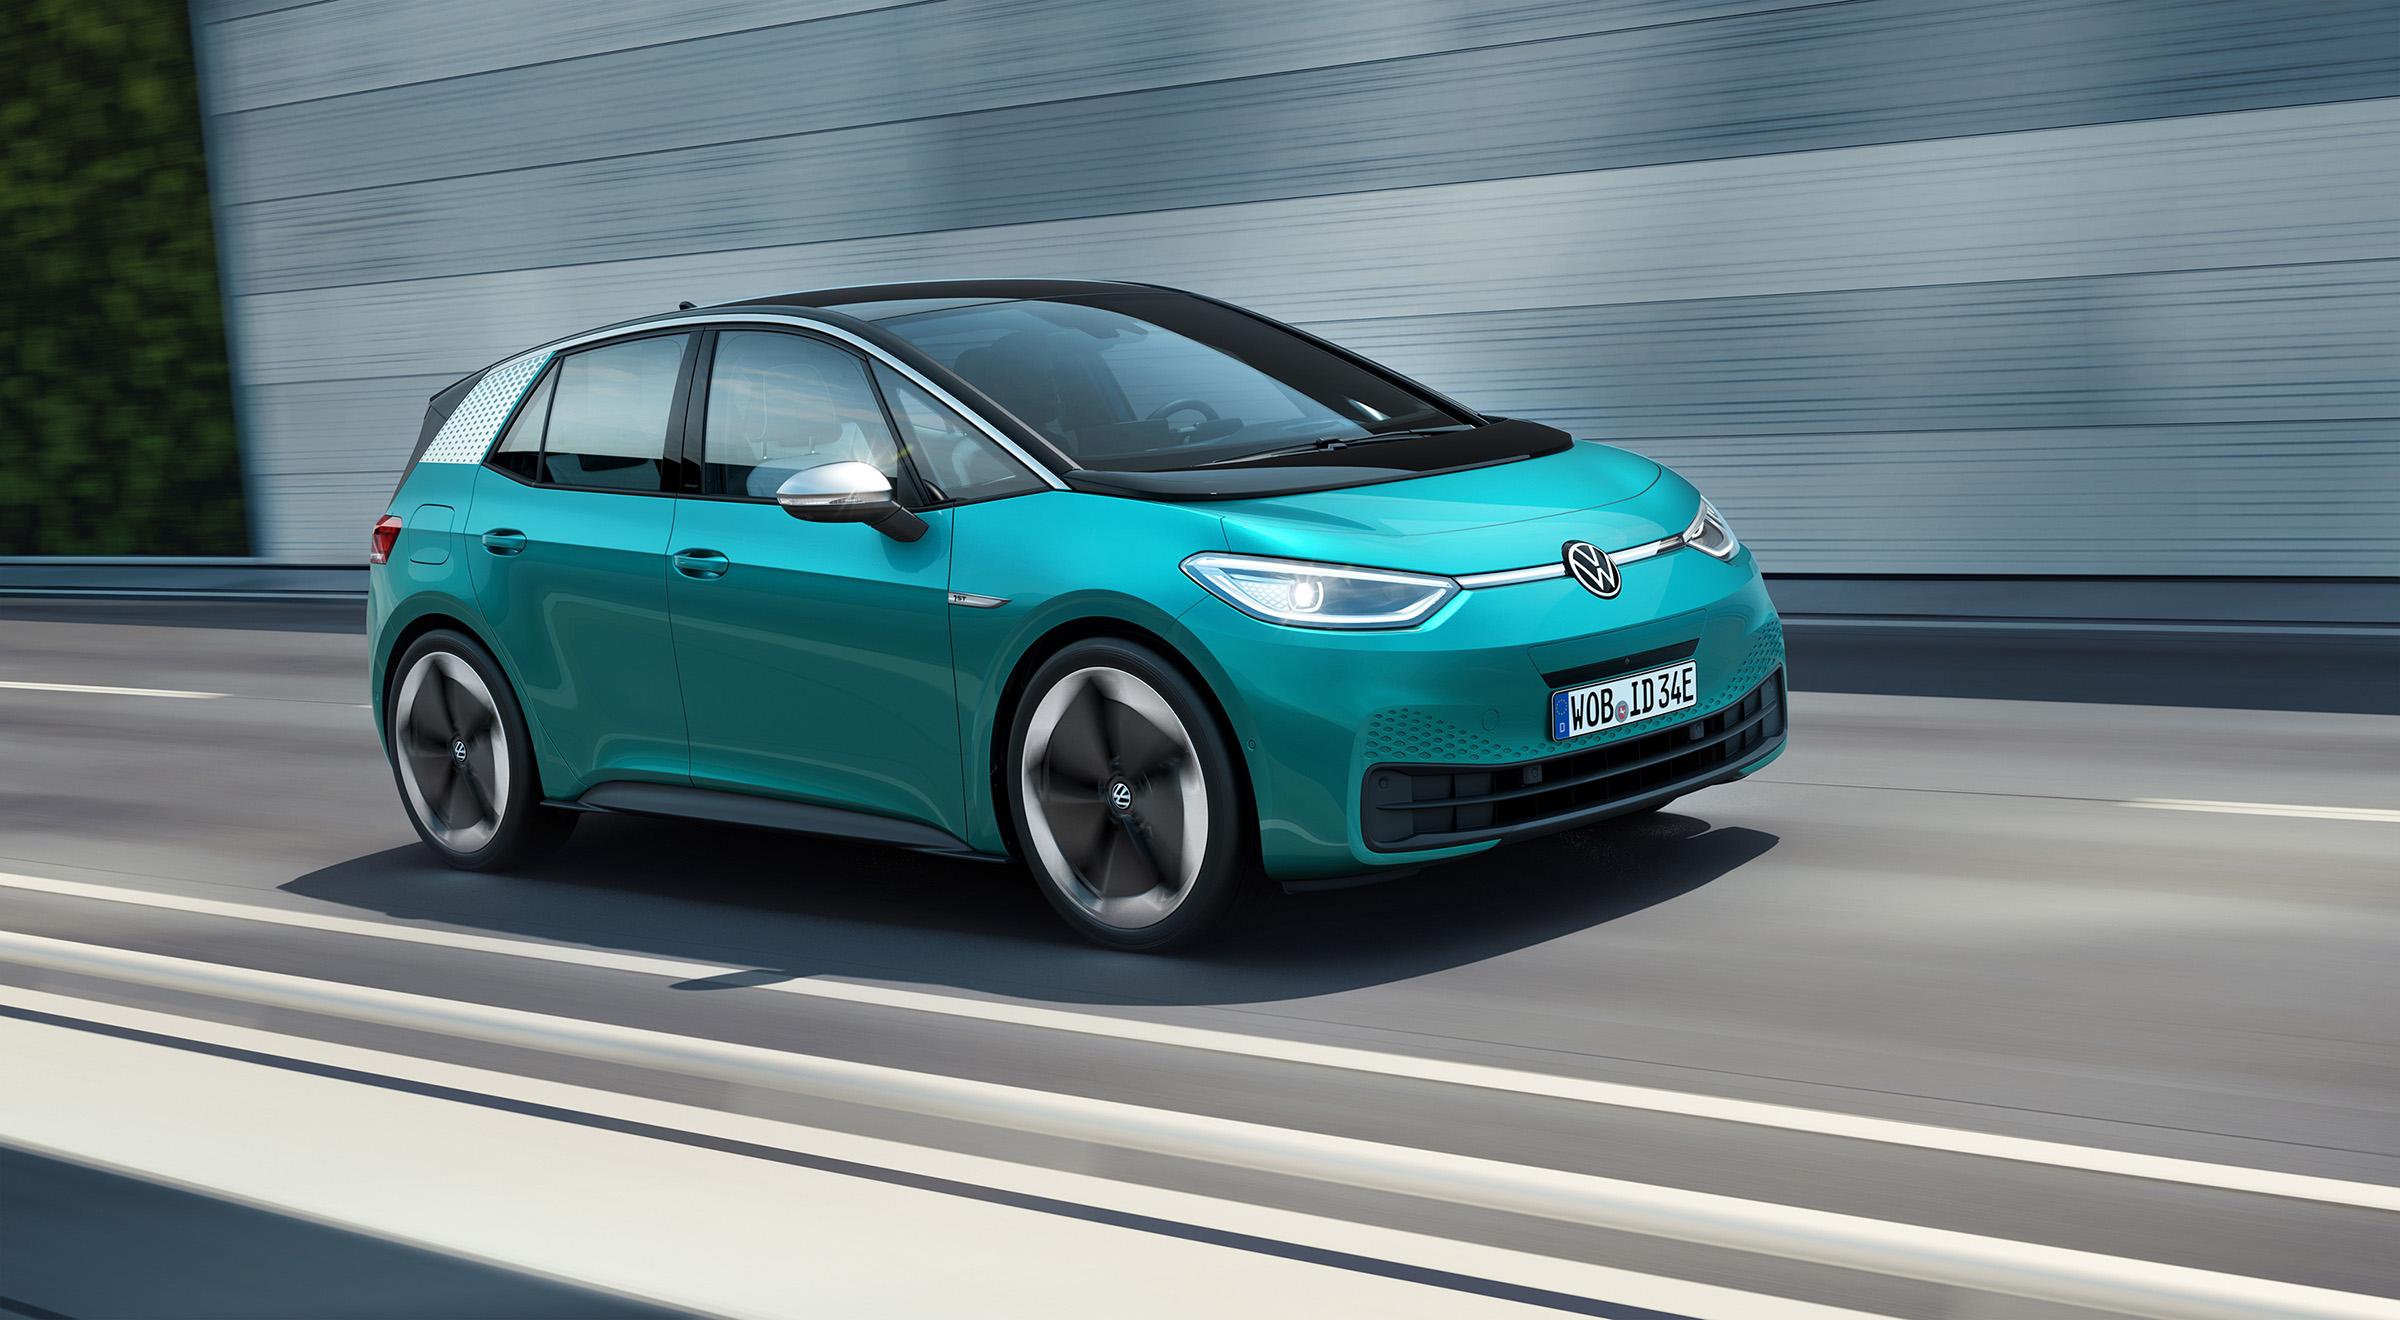 Πόσο κοστίζει το ηλεκτρικό Volkswagen ID.3 στη χώρα μας; [pics]